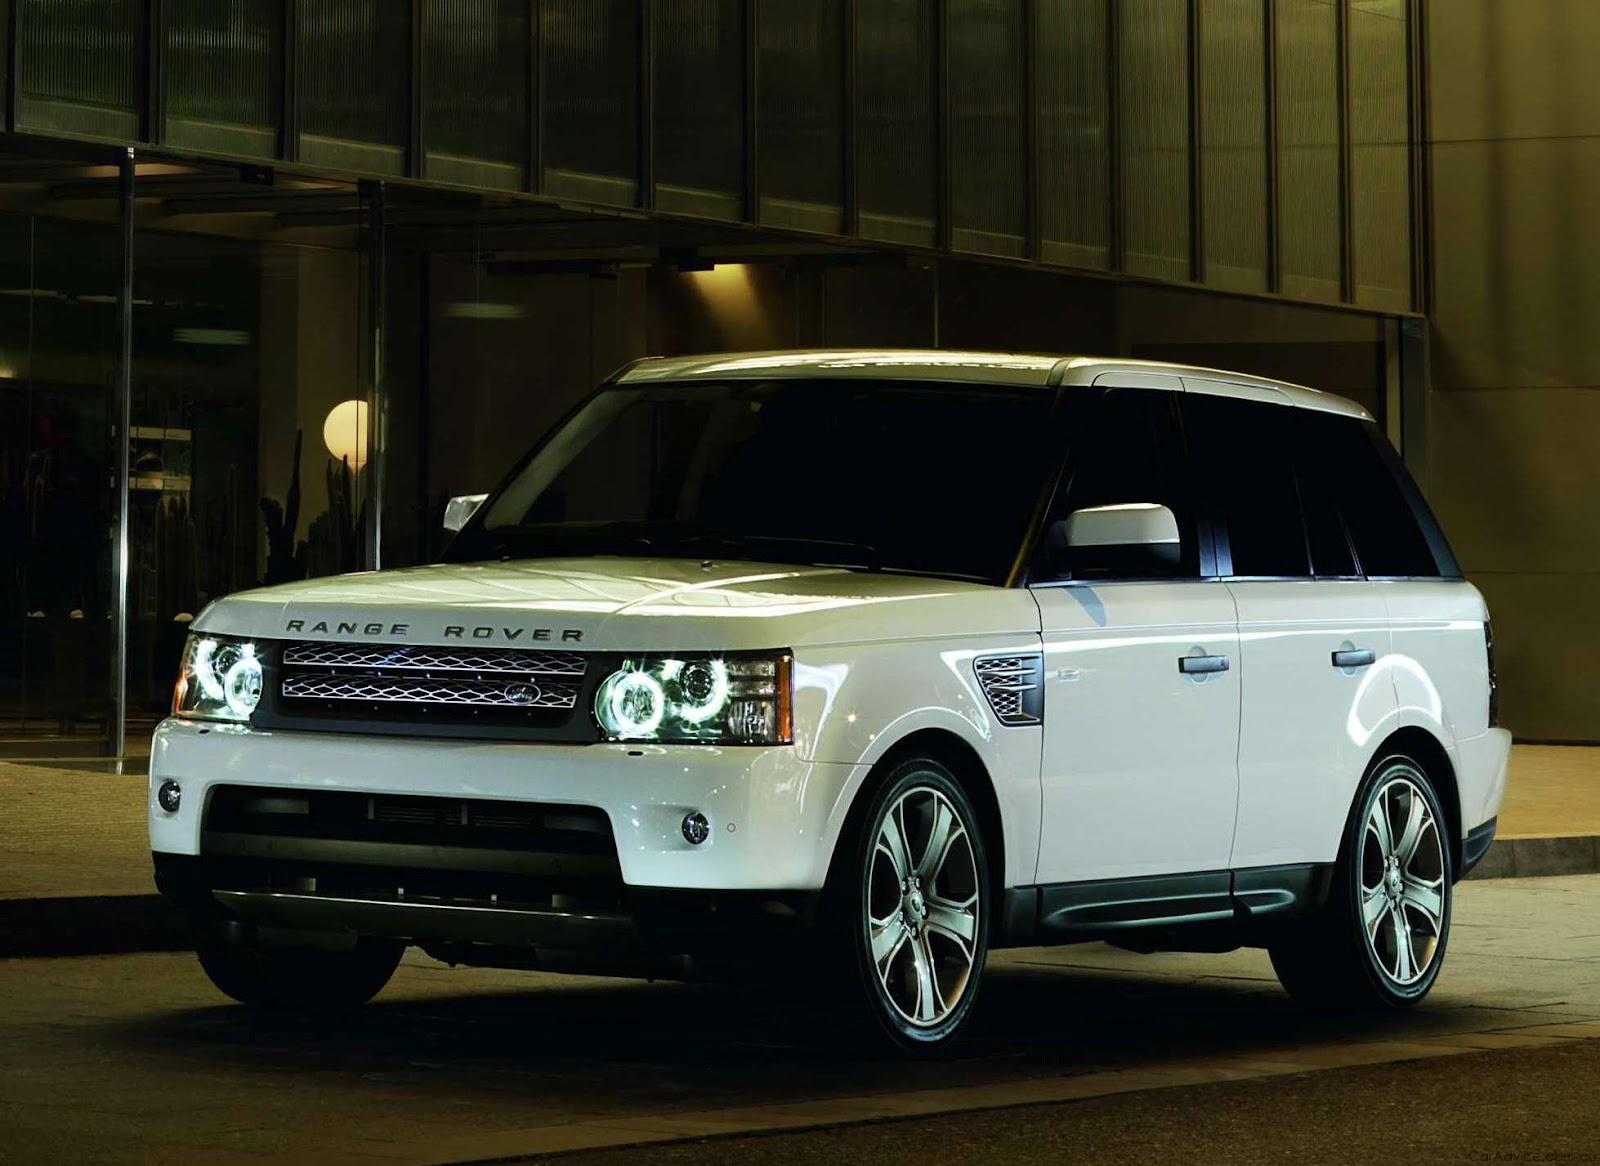 Range Rover Hd Wallpapers Range Rover Evoque Hd Wallpapers Range